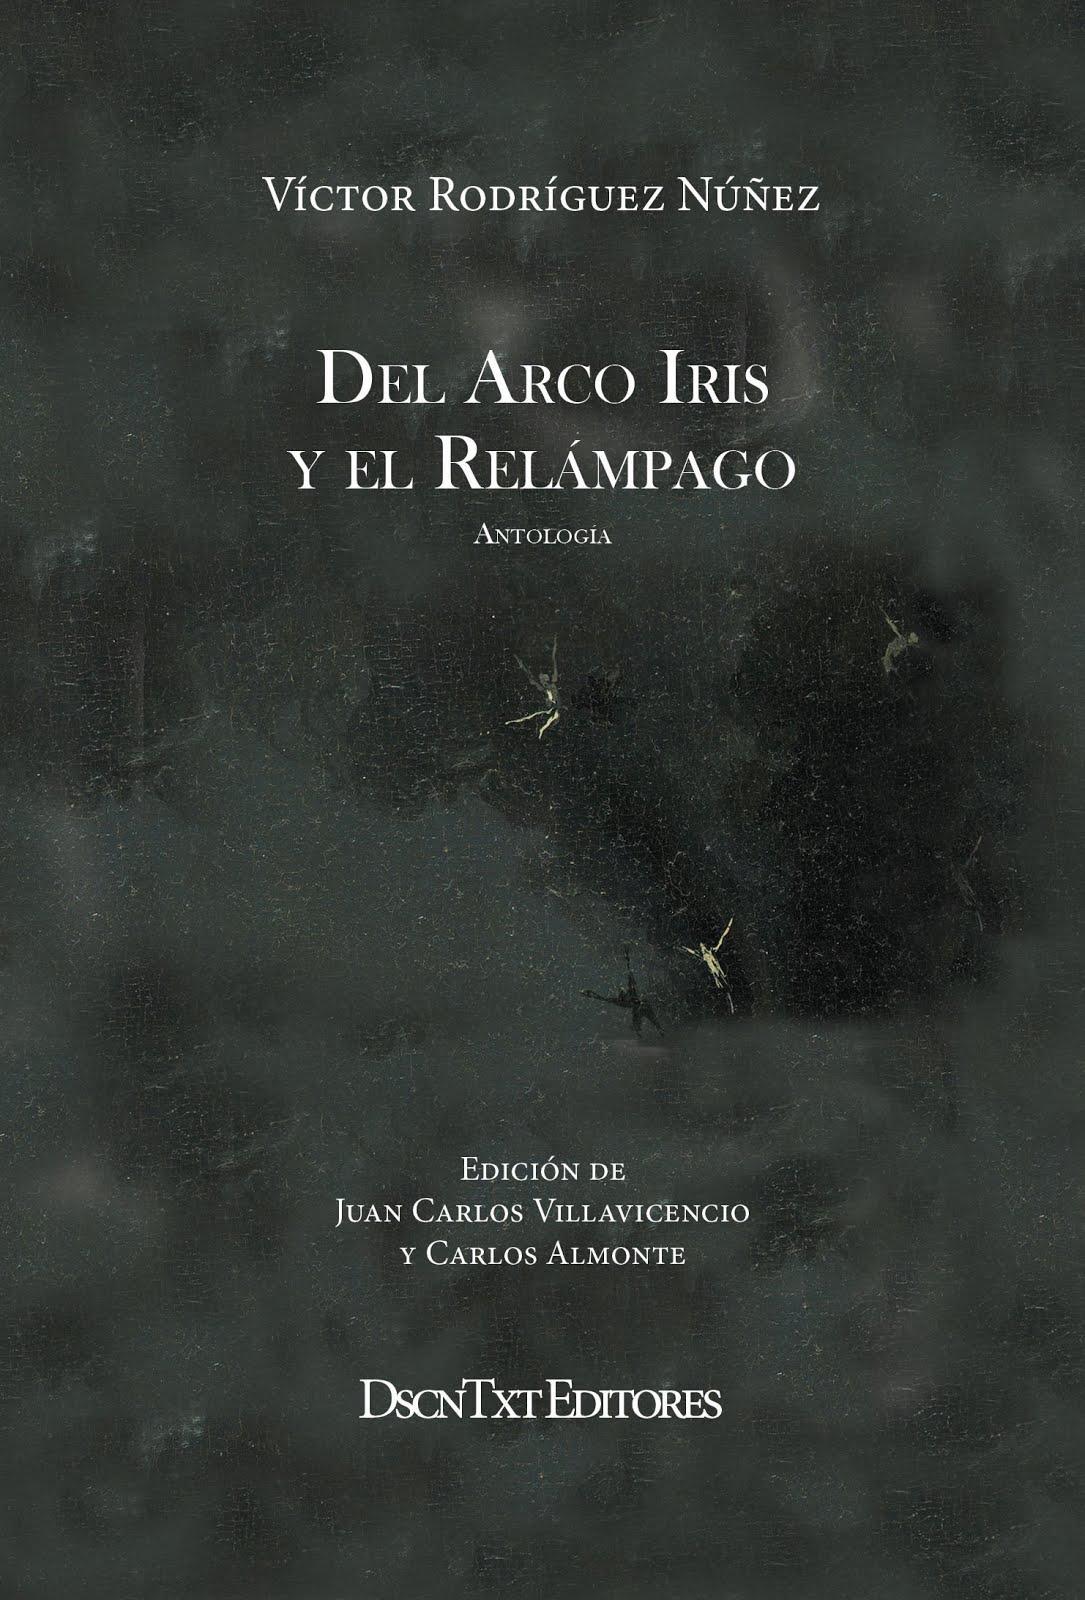 Del arco iris y el relámpago, de Víctor Rodríguez Núñez. Edición de Almonte y Villavicencio